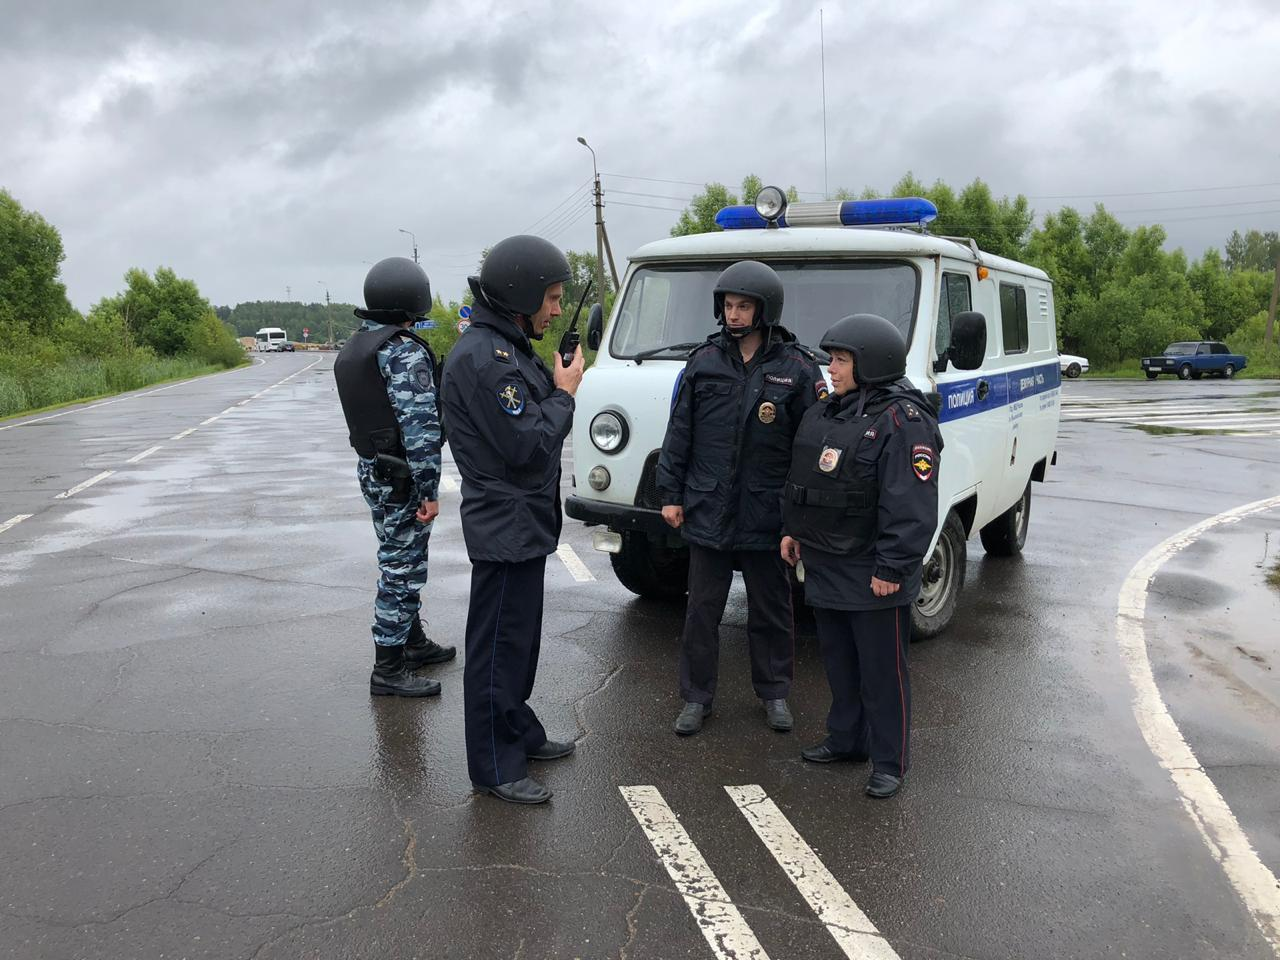 На переправе в Ярославской области захватили автобус с туристами: в регионе прошли учения